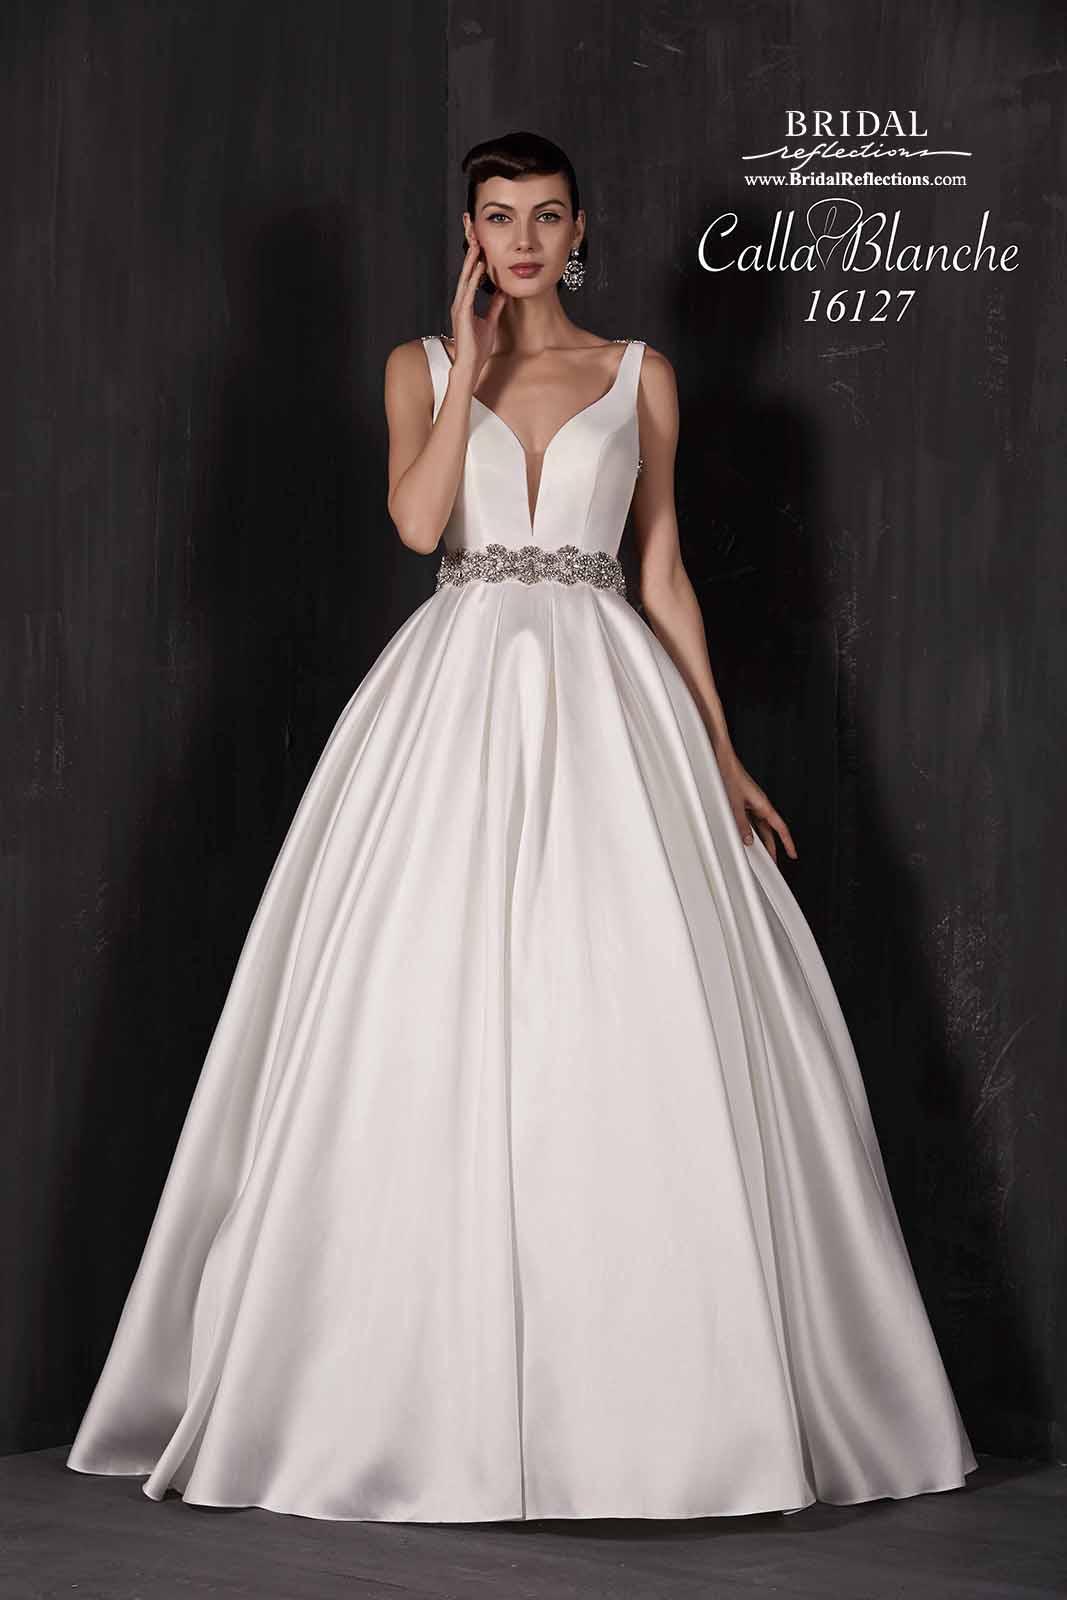 calla blanche 16127 3